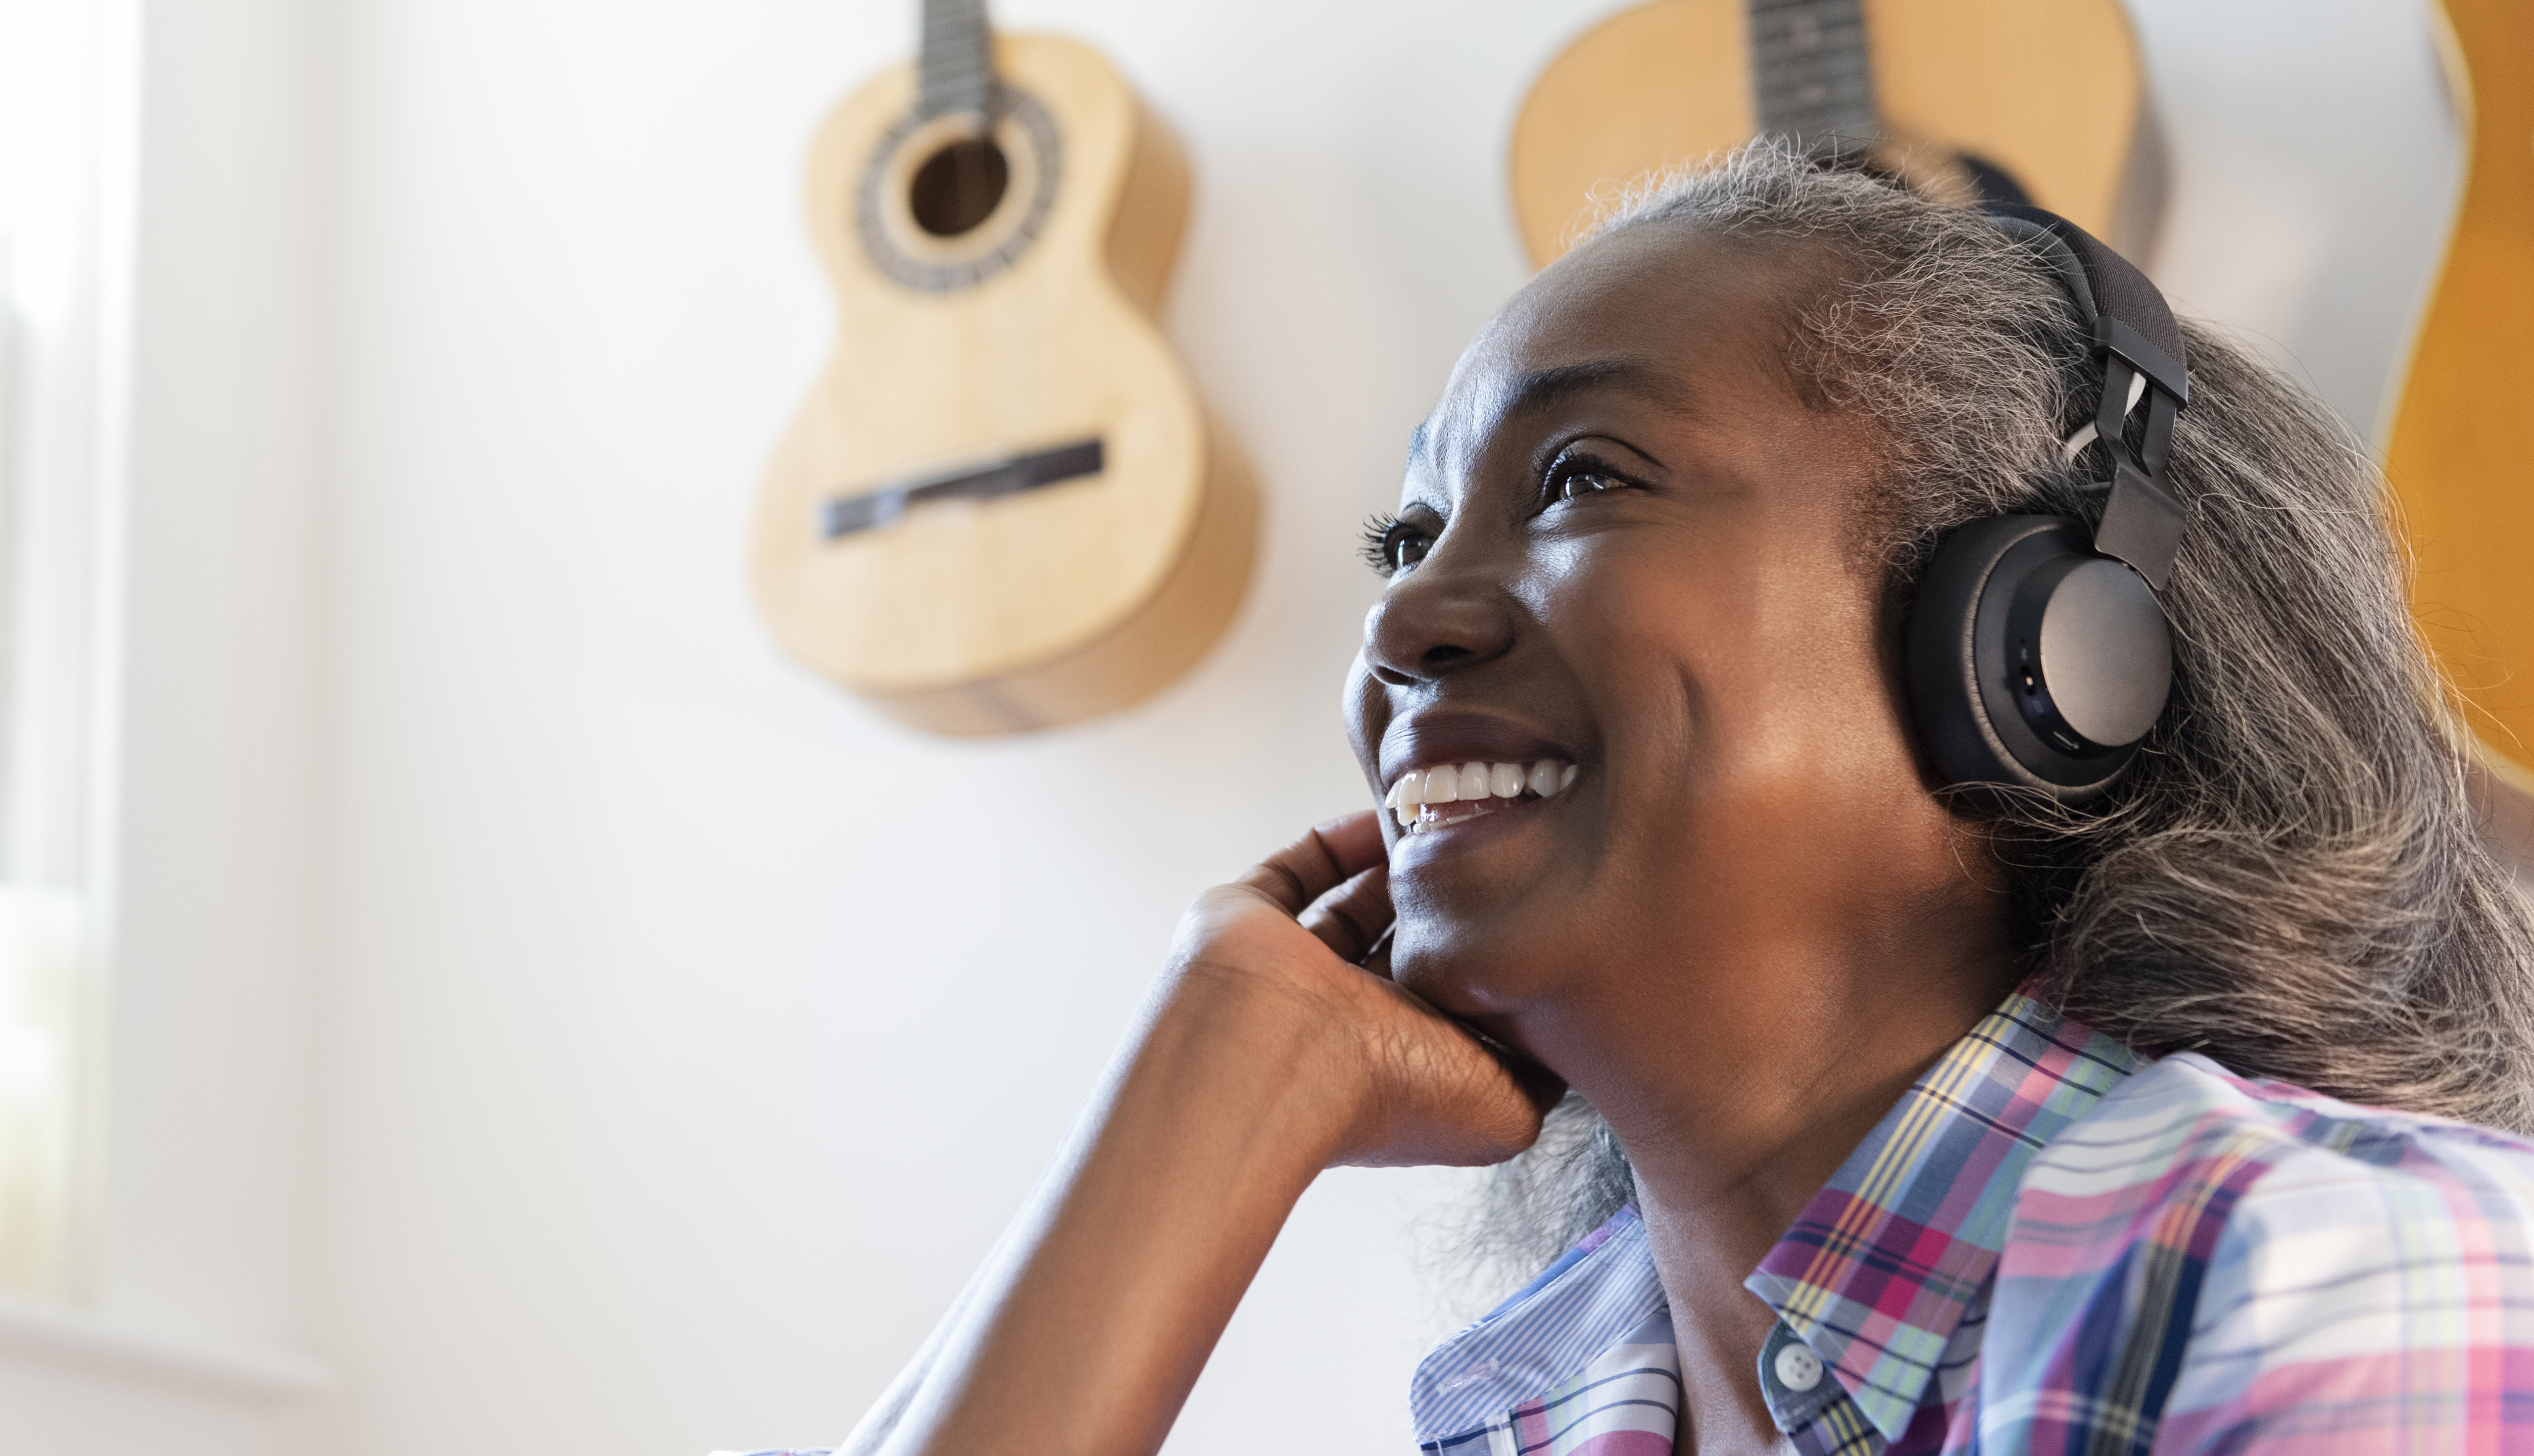 Una mujer escucha música con audífonos